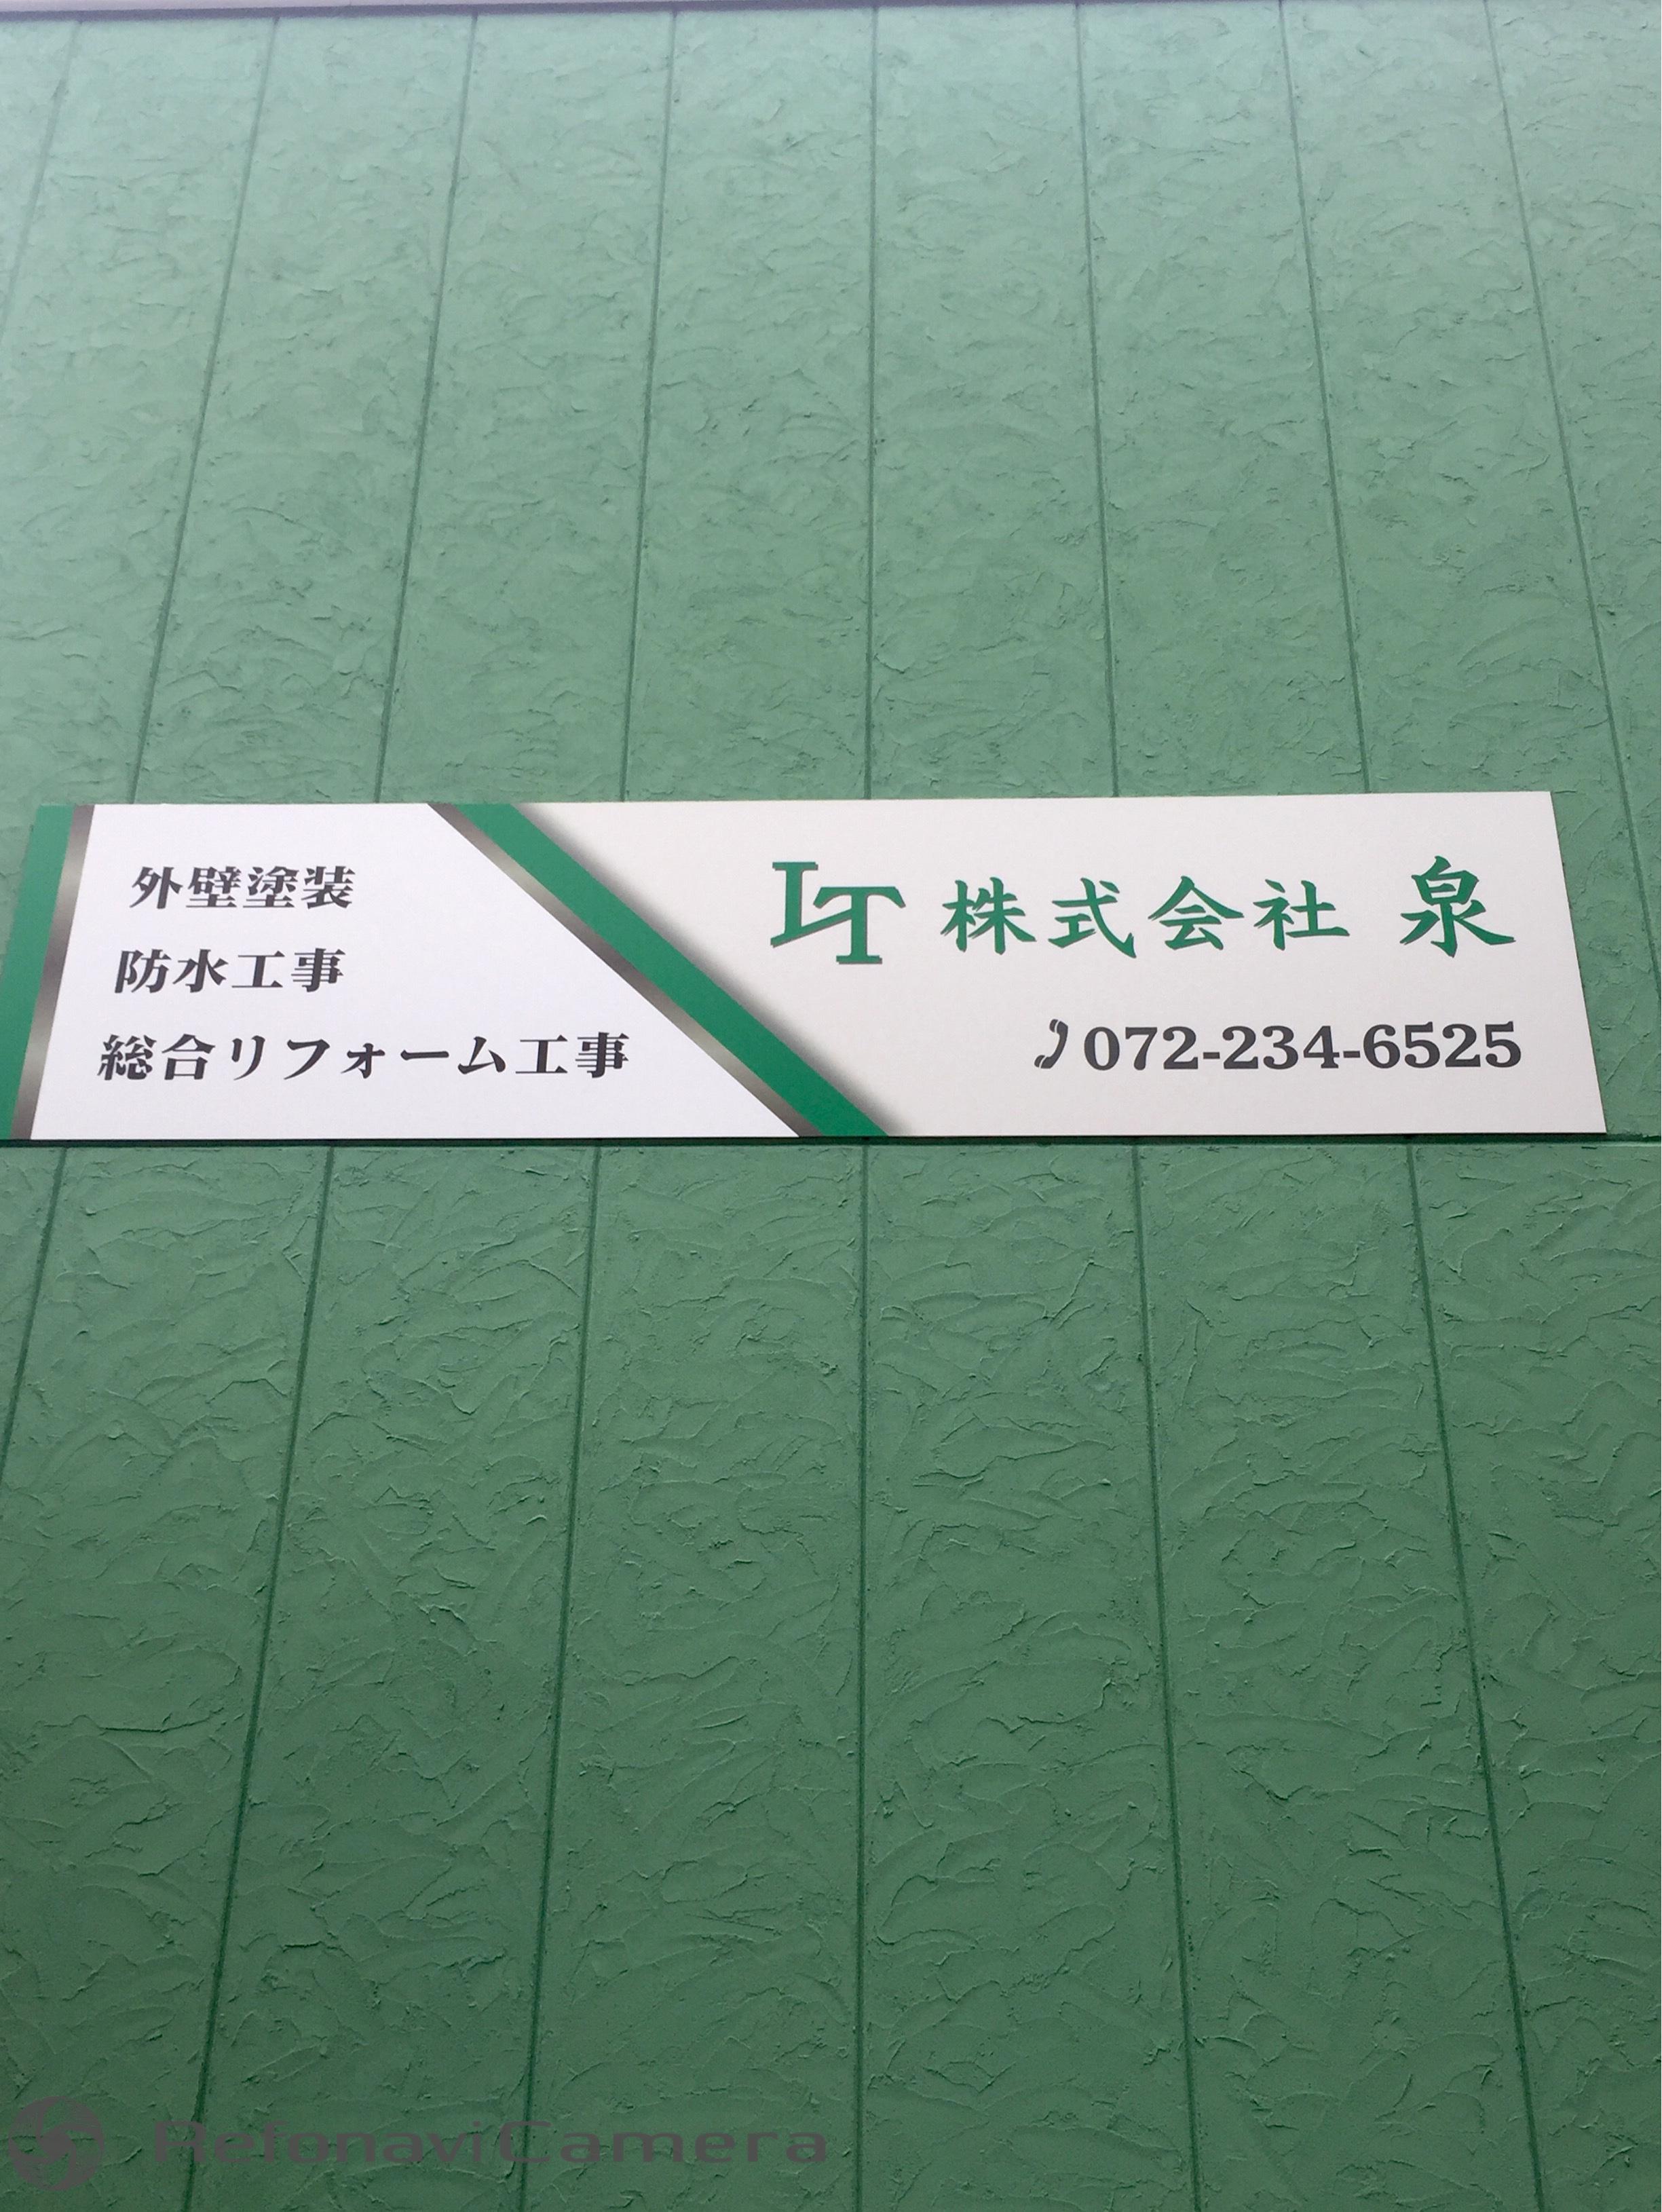 堺市防水工事